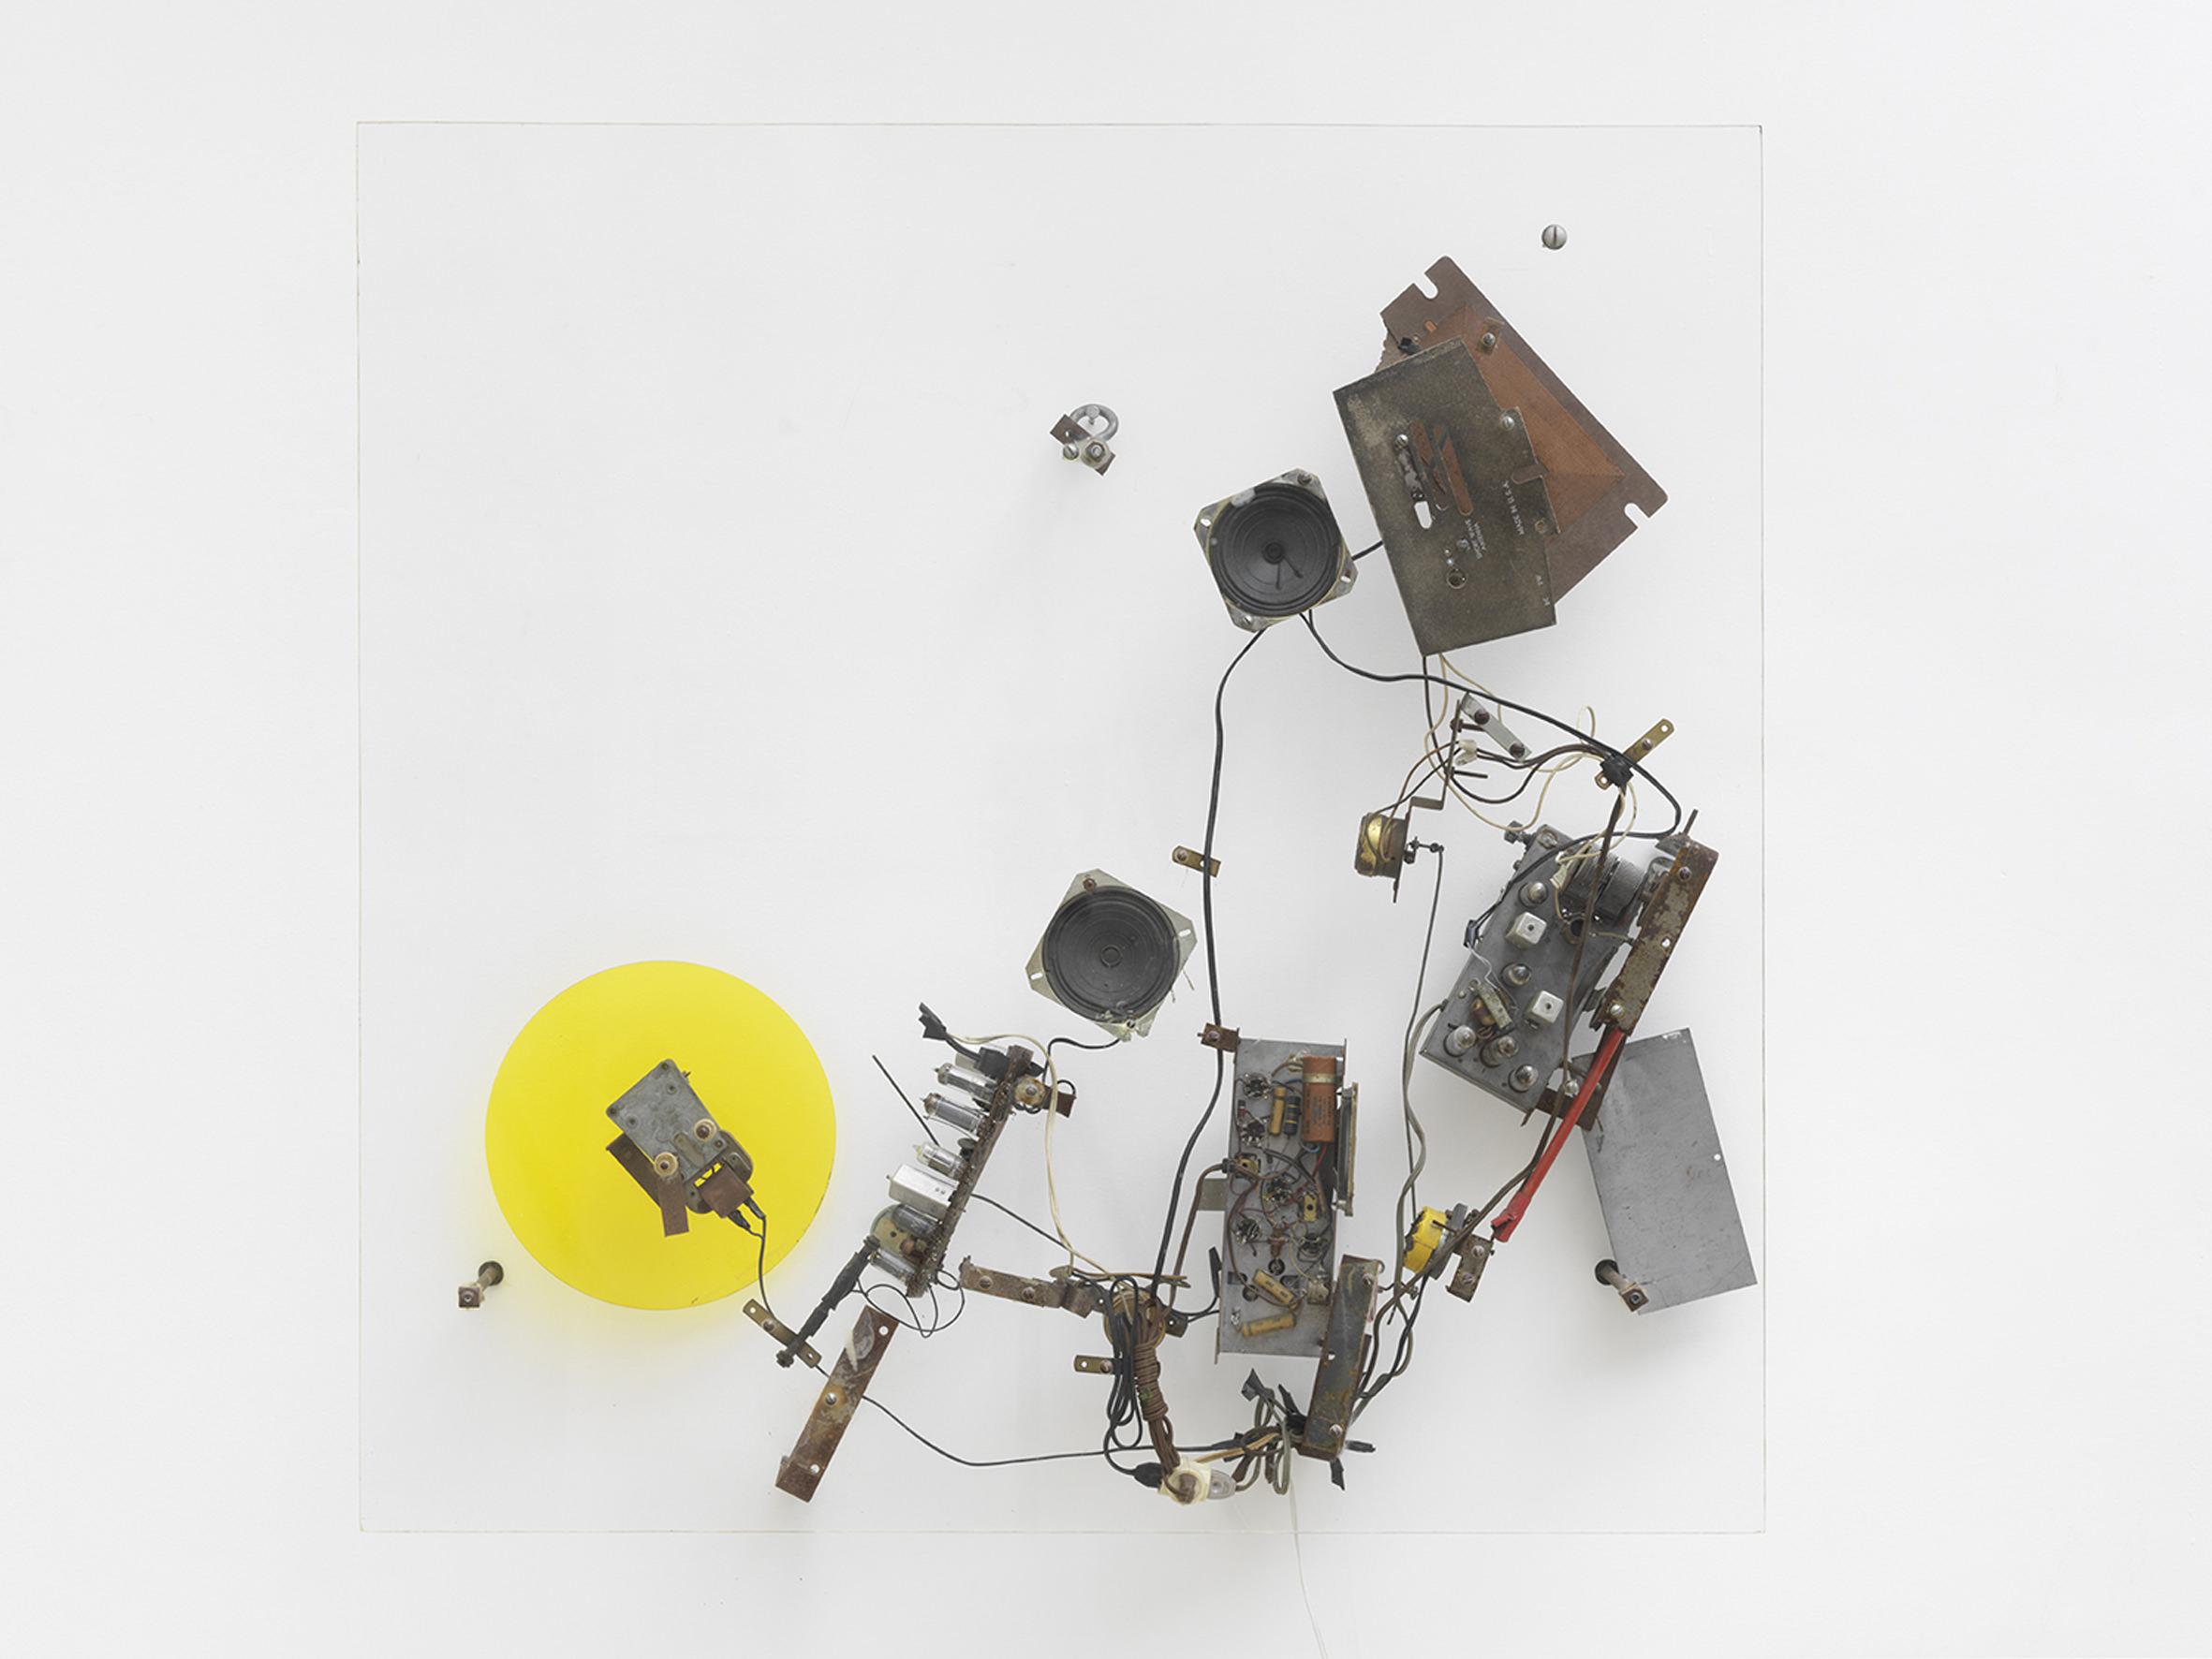 """Radio jaune,Jean Tinguely,Radio WNYR 10, (Catalogue Raisonné n°1139 sous le n°12),1962. Feuilles de plexiglas, fixations en métal, radio, moteur électrique.107 x 107 x 18 cm / 42 1/8 x 42 1/8 x 7 1/8 in.Numéroté n°10, signé et daté (gravé) Courtesy NCAF et Galerie GP & N Vallois, Paris Photo: André Morin   Tinguely préférait d'ailleurs dynamiter (littéralement) le musée. Une vidéo projetée galerie Vallois en atteste : invité par le MoMA à New York en 1960, l'artiste y installe l'une de ses machines autodestructrices qui met le feu au musée. """"La légende veut que ce soit le père de Jean Tinguely qui ait appelé lui-même les pompiers"""", s'amuse à raconter la galeriste Nathalie Vallois.   """"L'artiste suisse révèlesa double face: sale gosse et magicien des temps modernes.""""   Cette réflexion sur la destruction et la pulsion de mort de l'homme moderne est encore à l'œuvre dans une autre vidéo documentant son intervention dans le désert du Nevada. Avec sa compagne Niki de Saint Phalle, Jean Tinguely se rend en 1962 là où ont lieu les essais nucléaires aux États-Unis pour y créer une explosion: Study for an End of the World No.2. Derrière la bravade un peu comique (on dit qu'il aurait emporté la dynamite sur lui dans l'avion entre Paris et les États-Unis), Tinguely savait orchestrer avec soin une critique acerbe d'une époque mortifère pas si éloignée de la nôtre."""